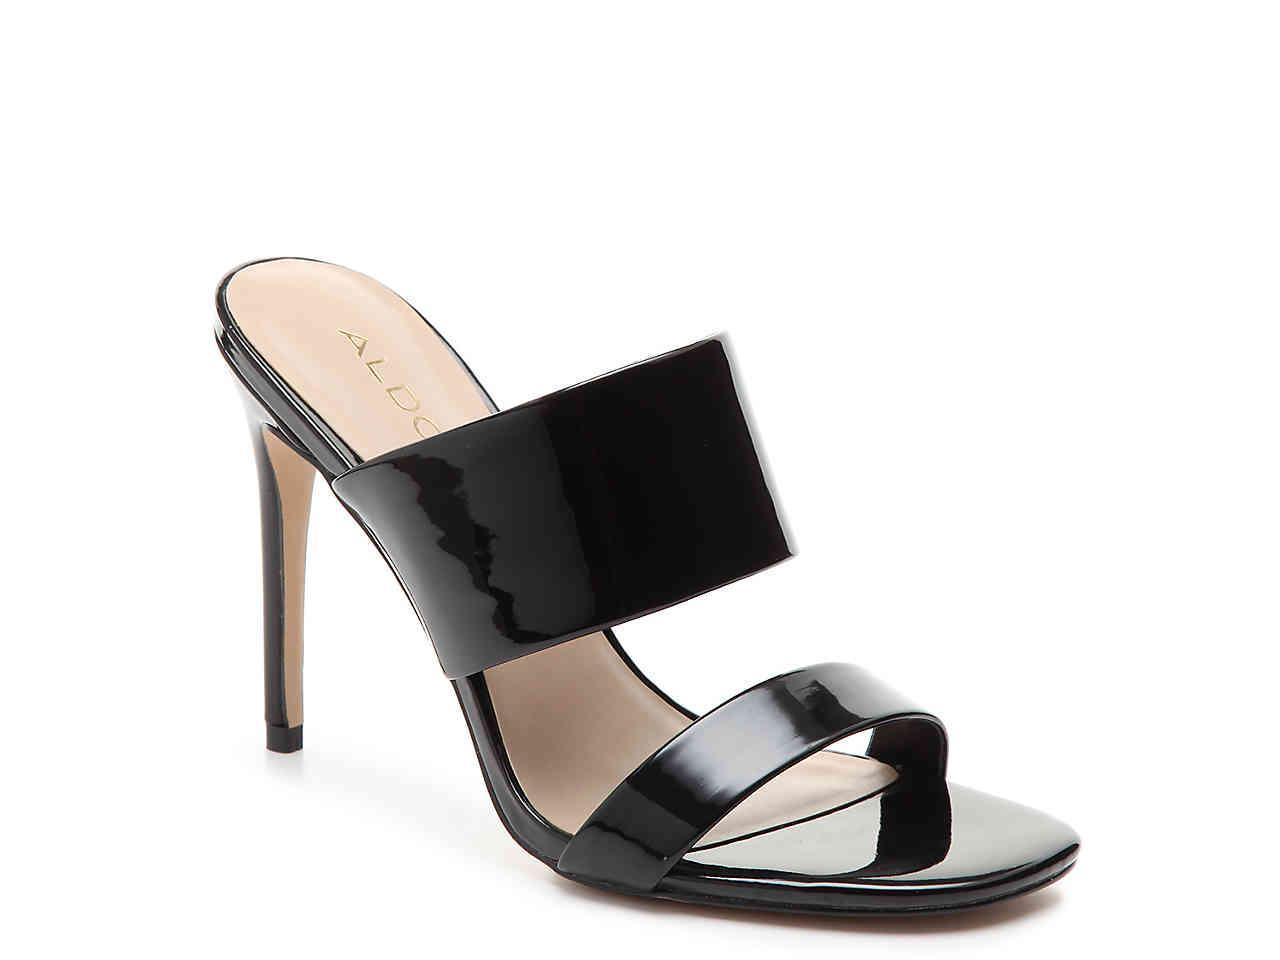 842648124dd3 Lyst - ALDO Froema Sandal in Black